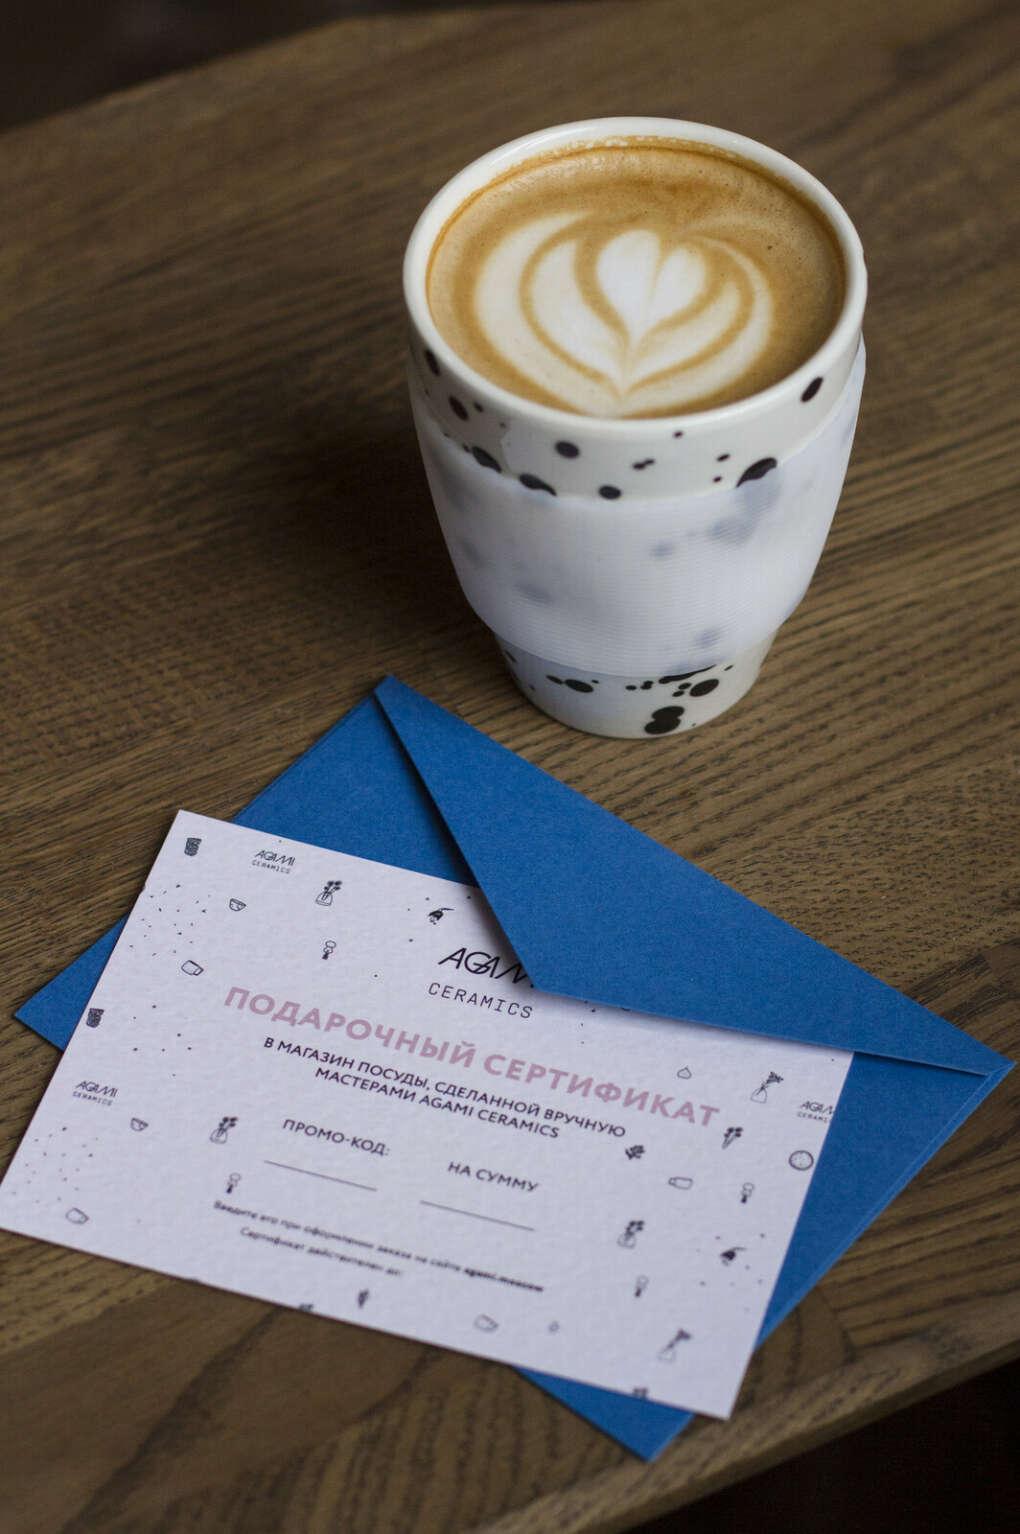 Подарочный сертификат, 1000р — Agami Ceramics